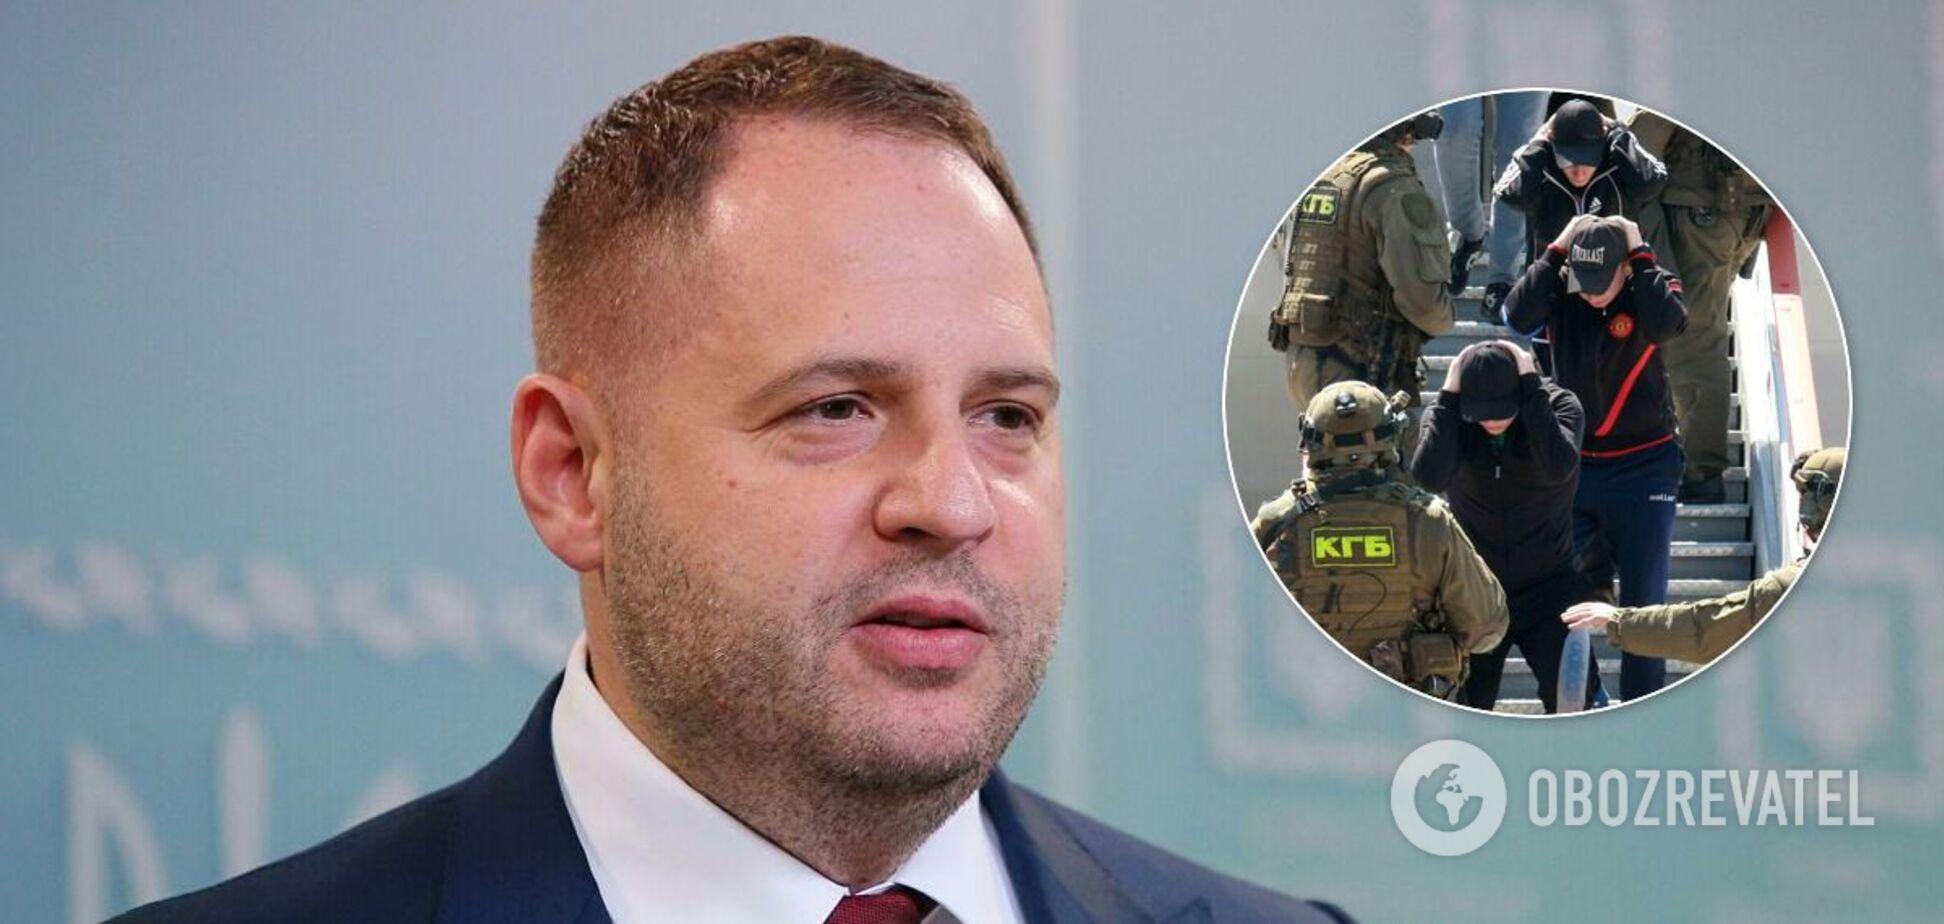 Главу ОПУ Андрея Ермака подозревают в срыве операции с вагнеровцами